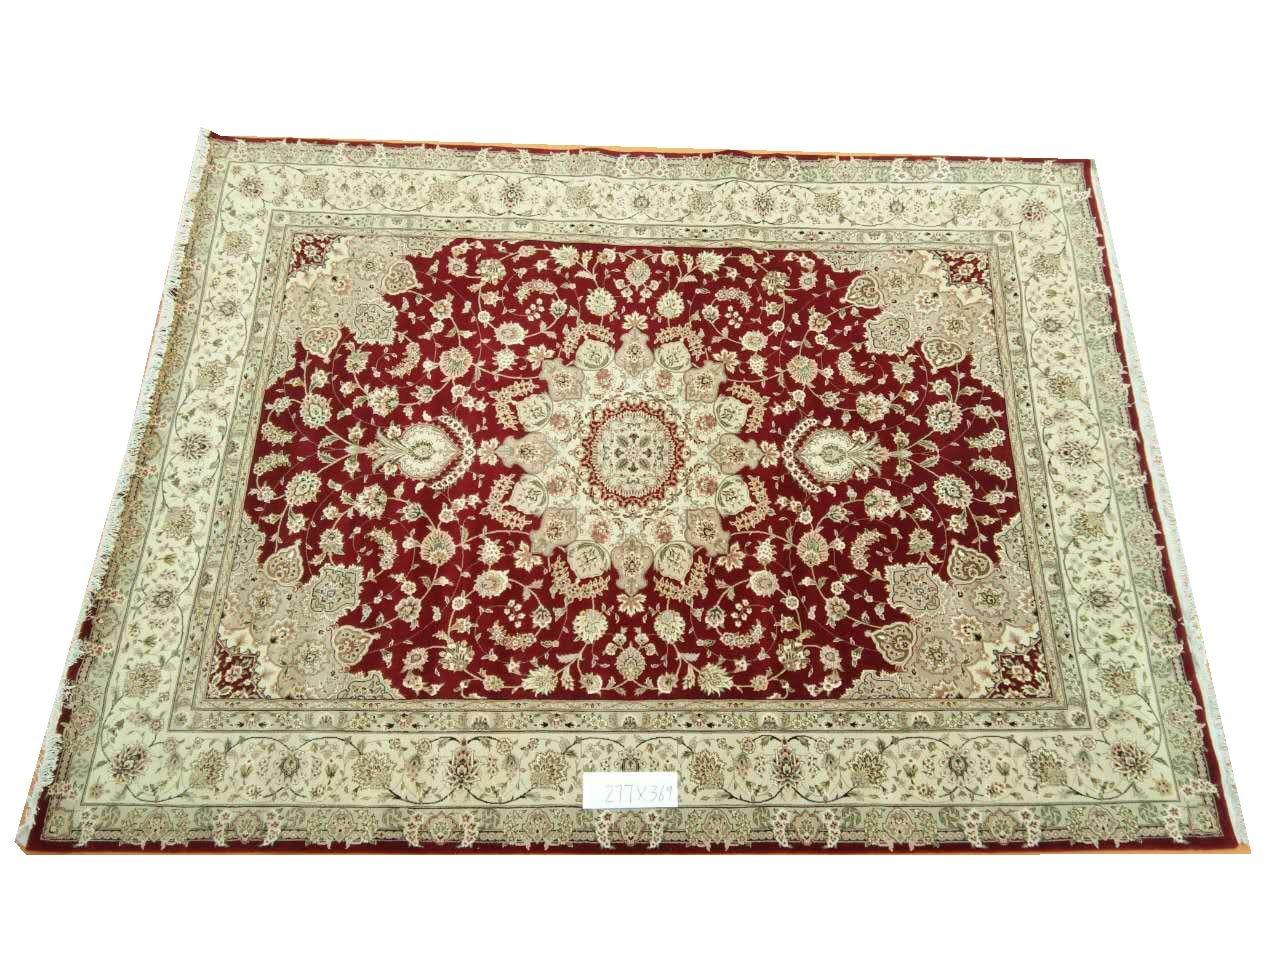 Tapis persans tapis laine et soie noués à la main tapis Oriental persan fait à la main 27 9X12gc157peryg9 tapis persan